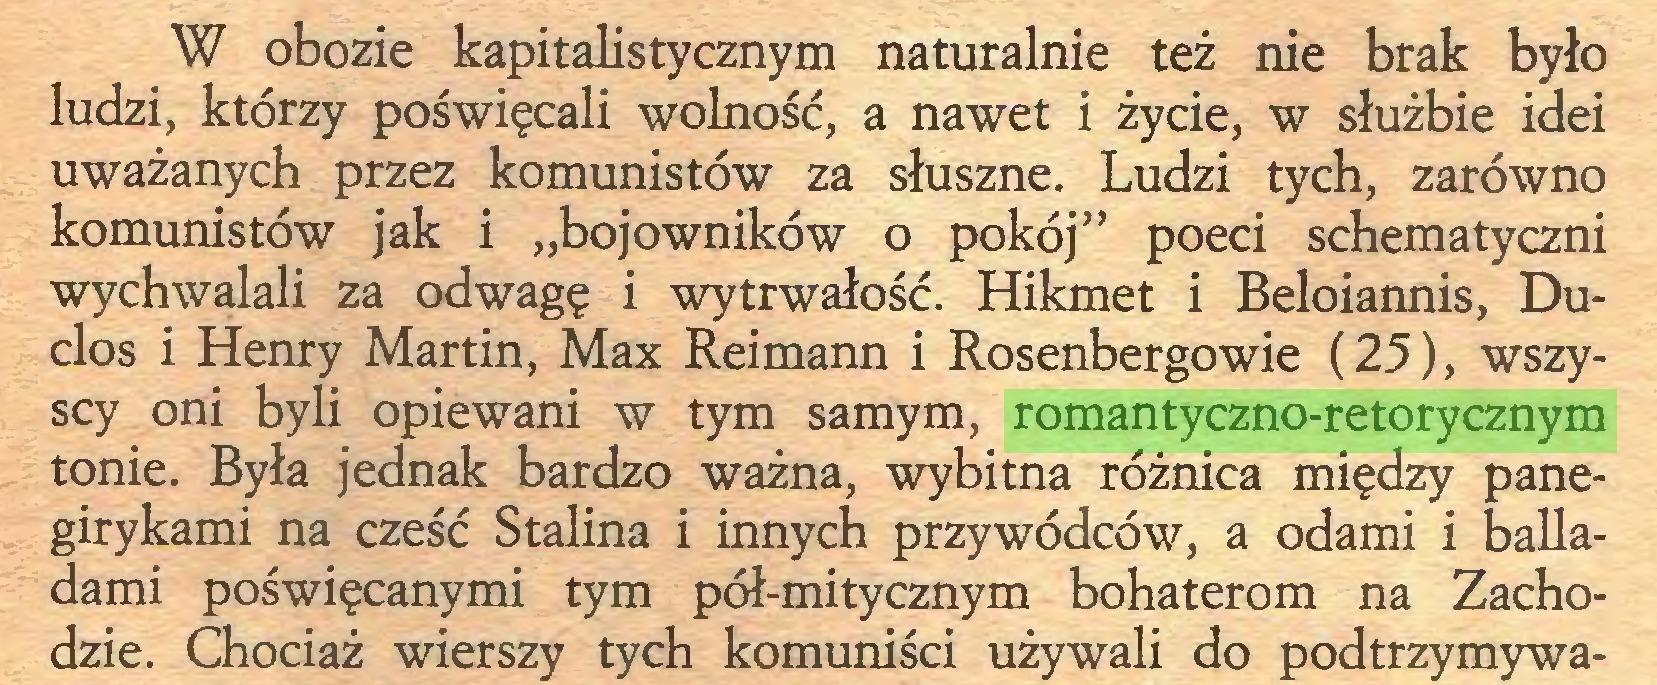 """(...) W obozie kapitalistycznym naturalnie też nie brak było ludzi, którzy poświęcali wolność, a nawet i życie, w służbie idei uważanych przez komunistów za słuszne. Ludzi tych, zarówno komunistów jak i """"bojowników o pokój"""" poeci schematyczni wychwalali za odwagę i wytrwałość. Hikmet i Beloiannis, Duclos i Henry Martin, Max Reimann i Rosenbergowie (25), wszyscy oni byli opiewani w tym samym, romantyczno-retorycznym tonie. Była jednak bardzo ważna, wybitna różnica między panegirykami na cześć Stalina i innych przywódców, a odami i balladami poświęcanymi tym pół-mitycznym bohaterom na Zachodzie. Chociaż wierszy tych komuniści używali do podtrzymywa..."""